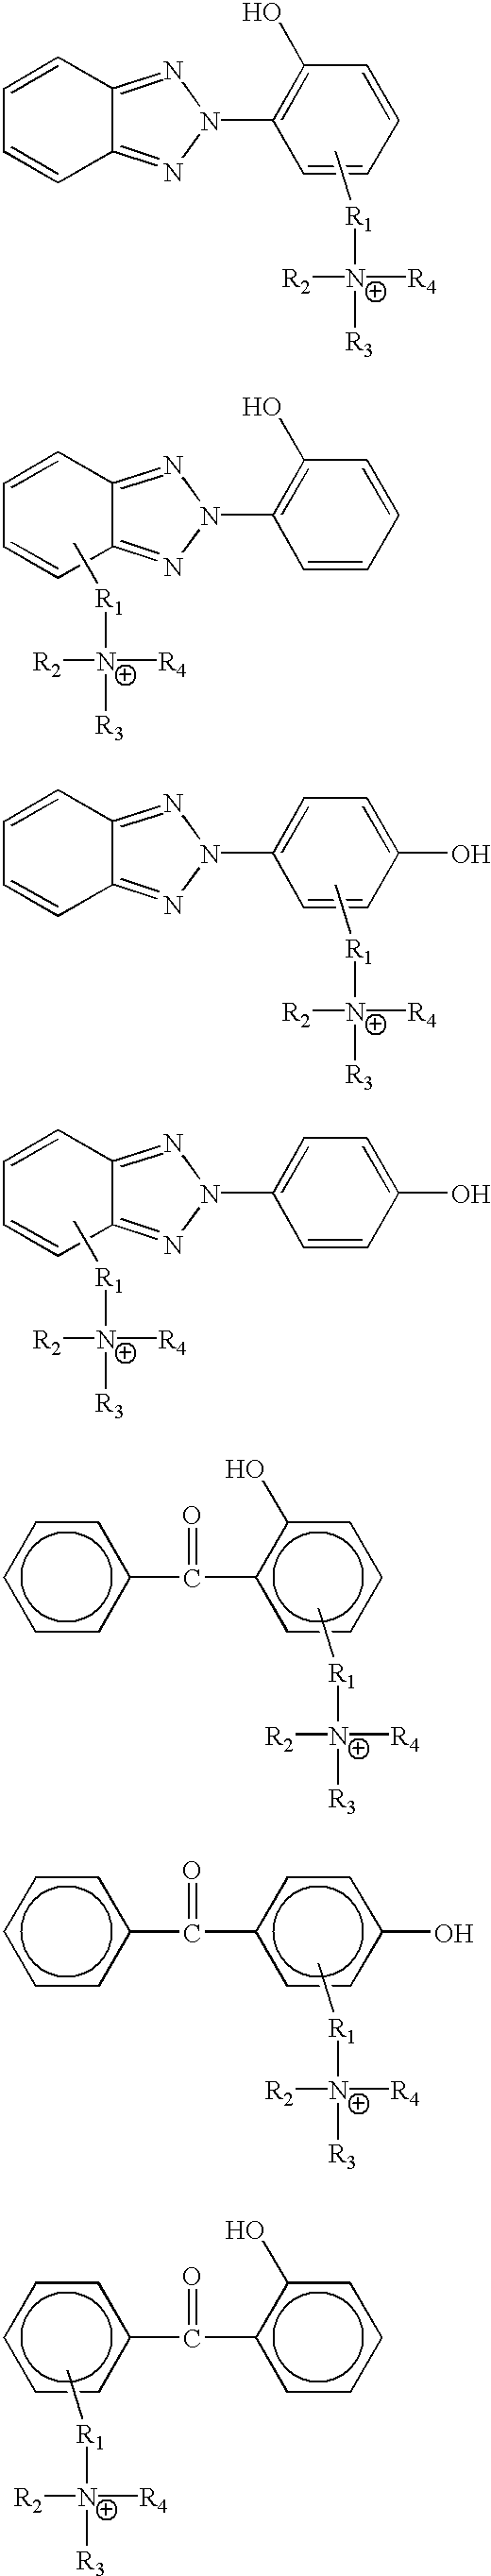 Figure US06803395-20041012-C00089